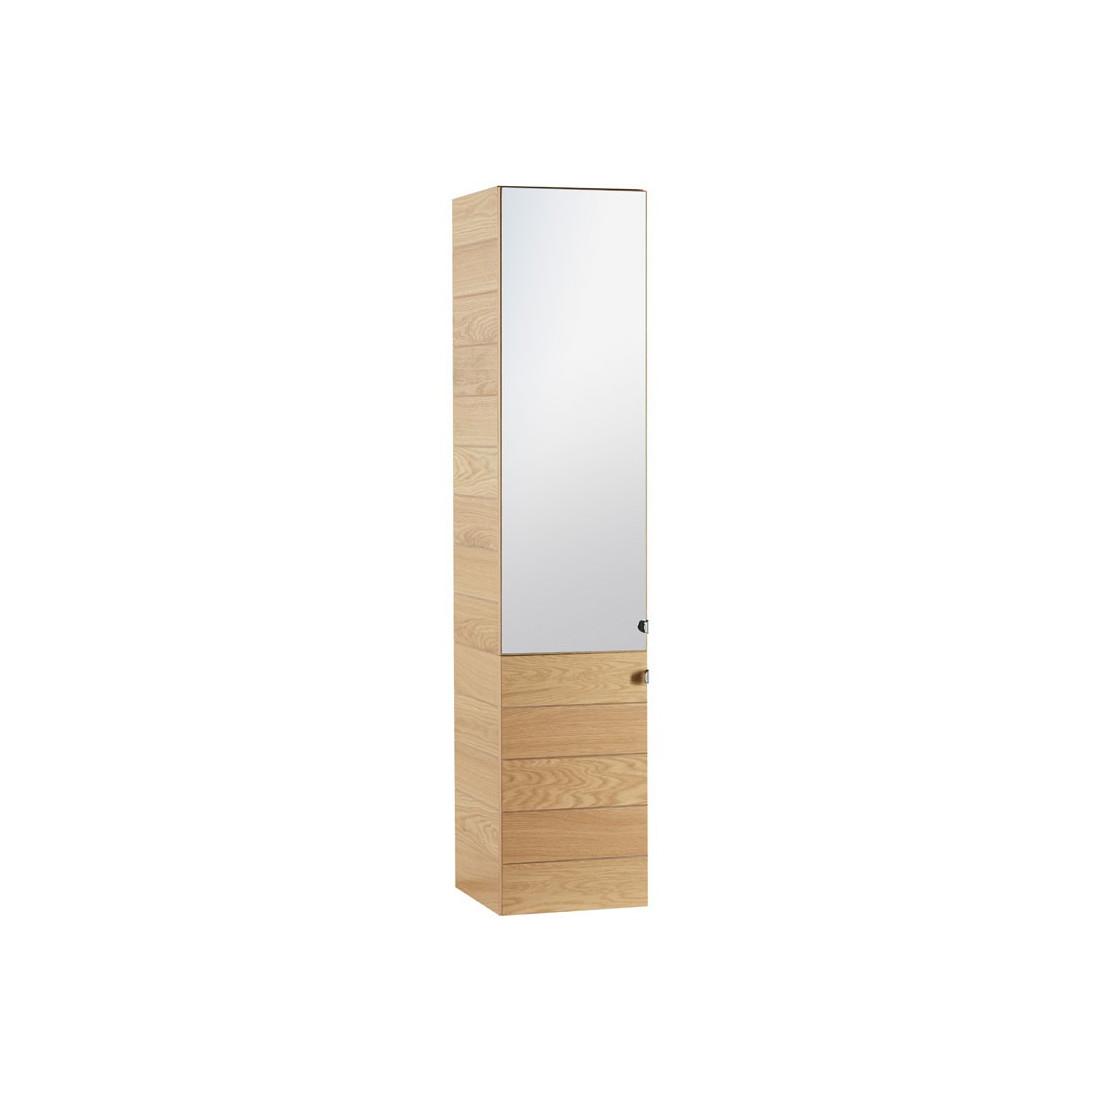 Meuble vasque miroir colonne hera univers de la salle for Meuble salle de bain complet